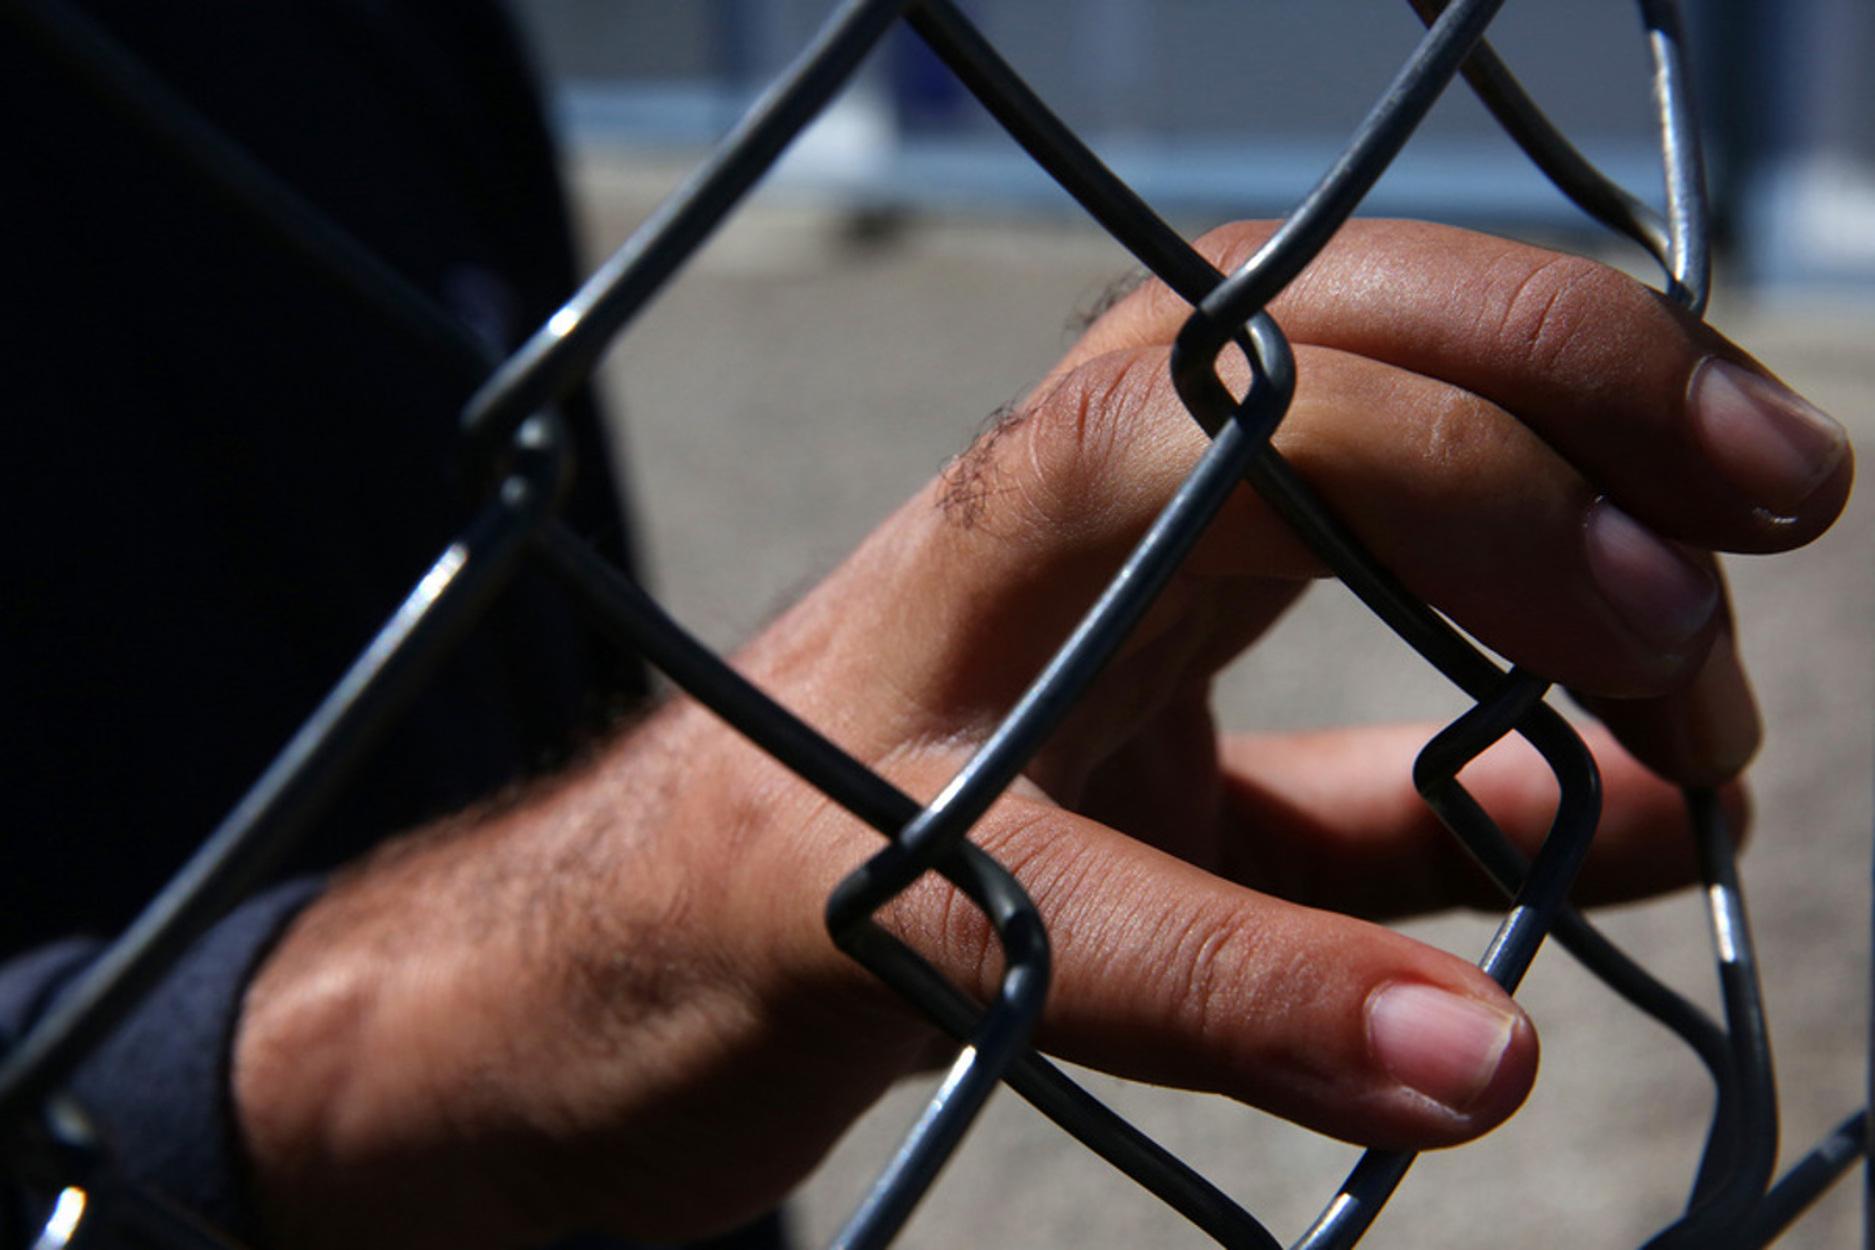 """""""Χτύπημα"""" σε δίκτυο παράνομης διακίνησης μεταναστών - Συλλήψεις σε Ελλάδα και Ιταλία"""